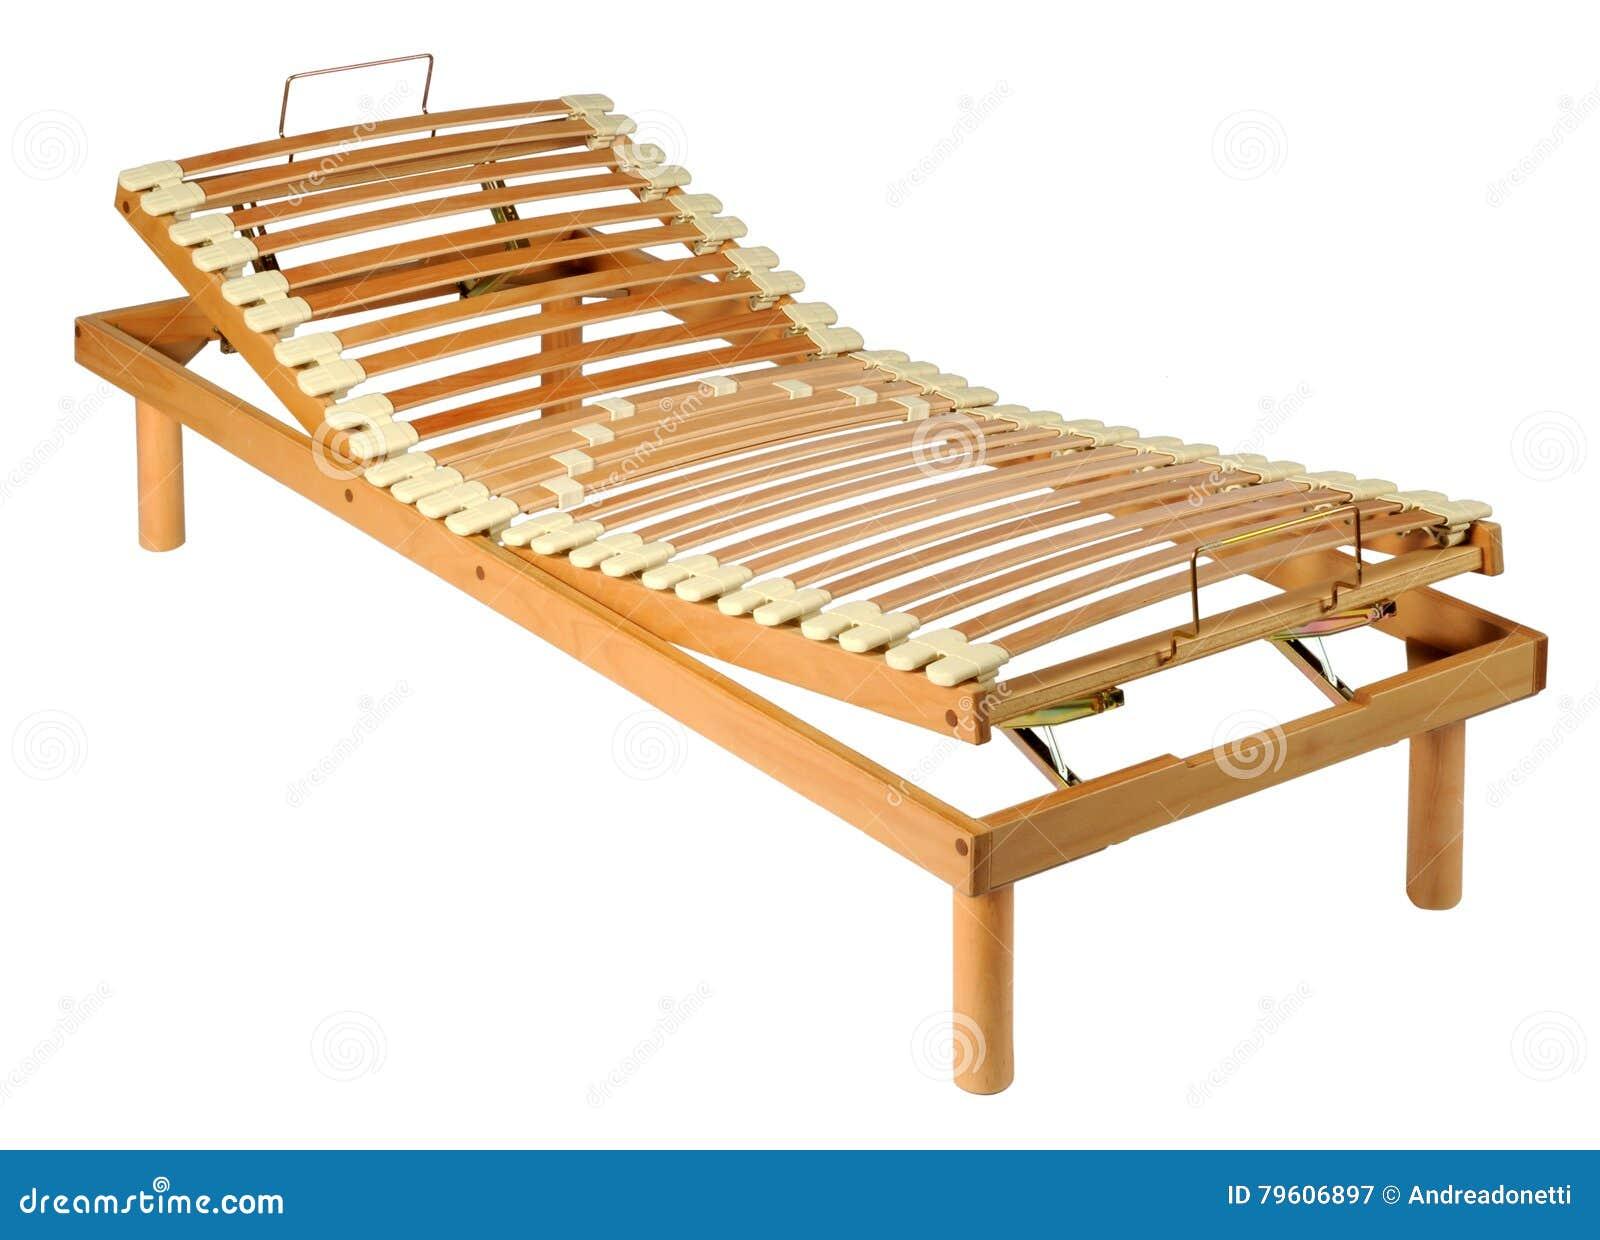 Rede ortopédica de madeira em um quadro ajustável